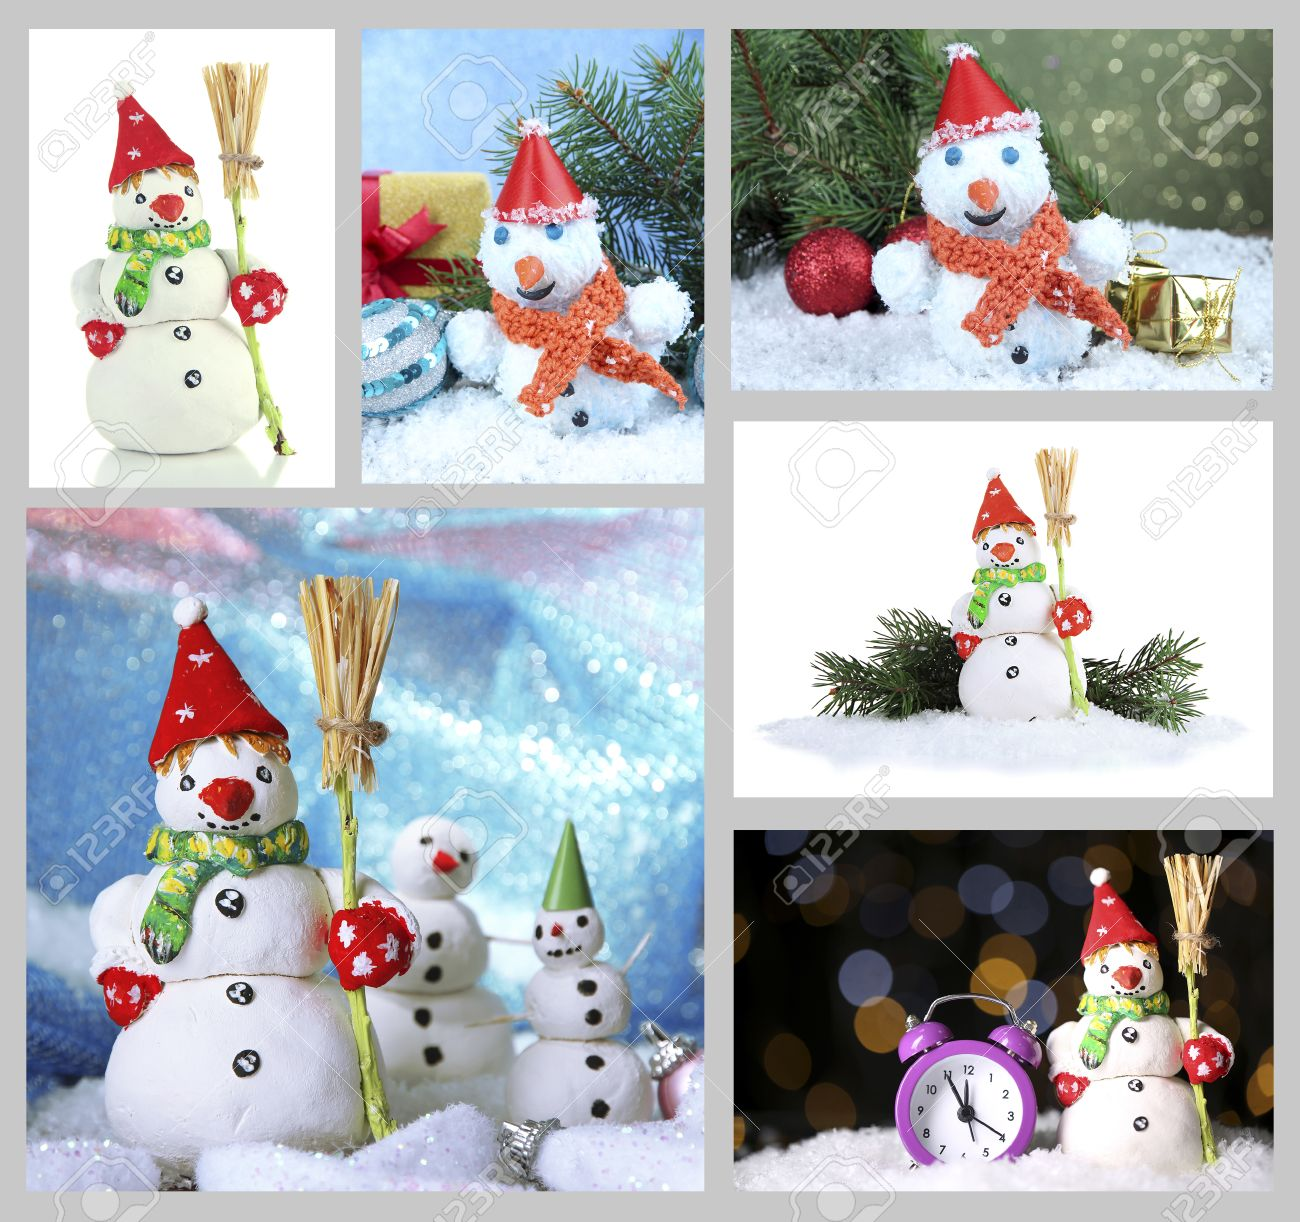 collage de hermosos muecos de nieve y decoracin de navidad foto de archivo